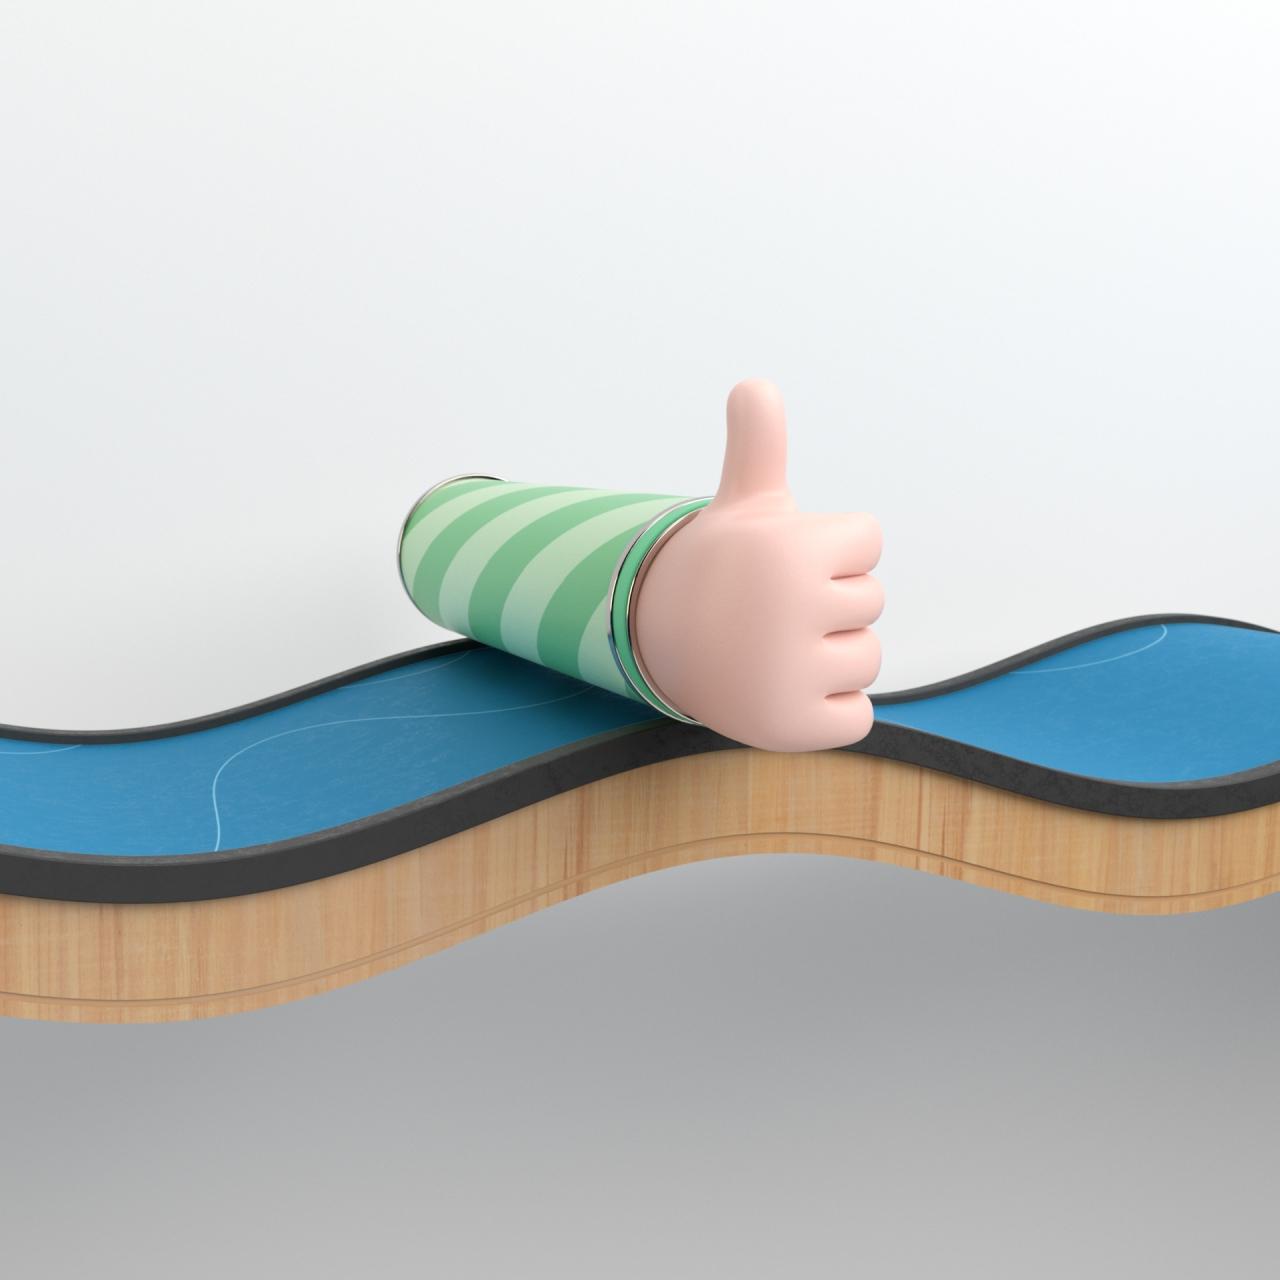 3d animasjon av en arm som ruller langs en bane som svinger opp og ned handen holder tommelen opp lagd for nte